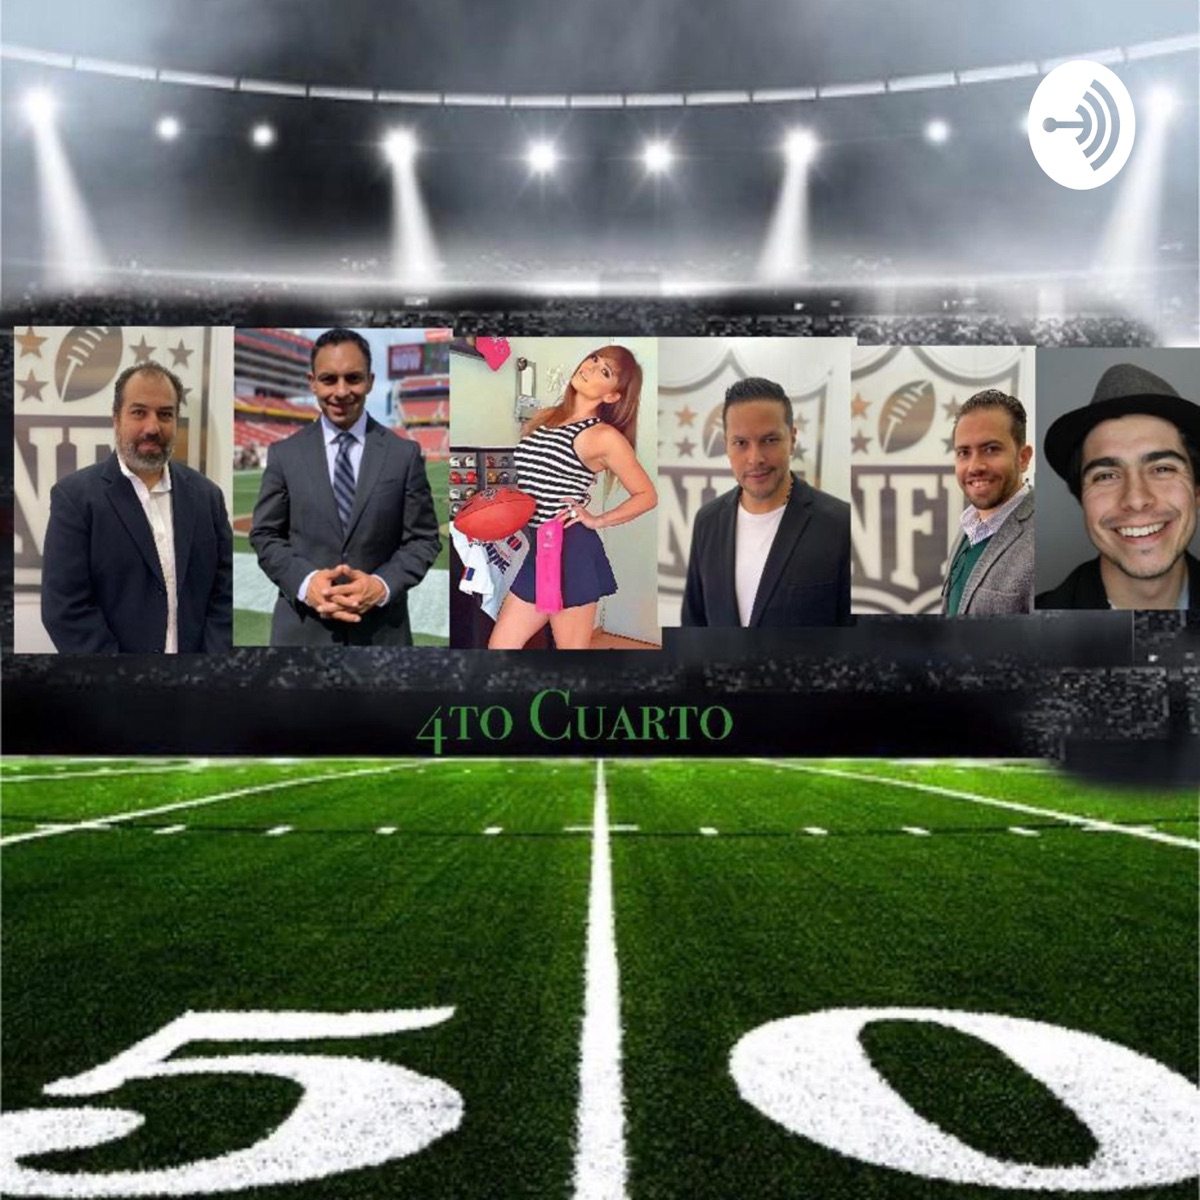 4to Cuarto Podcast